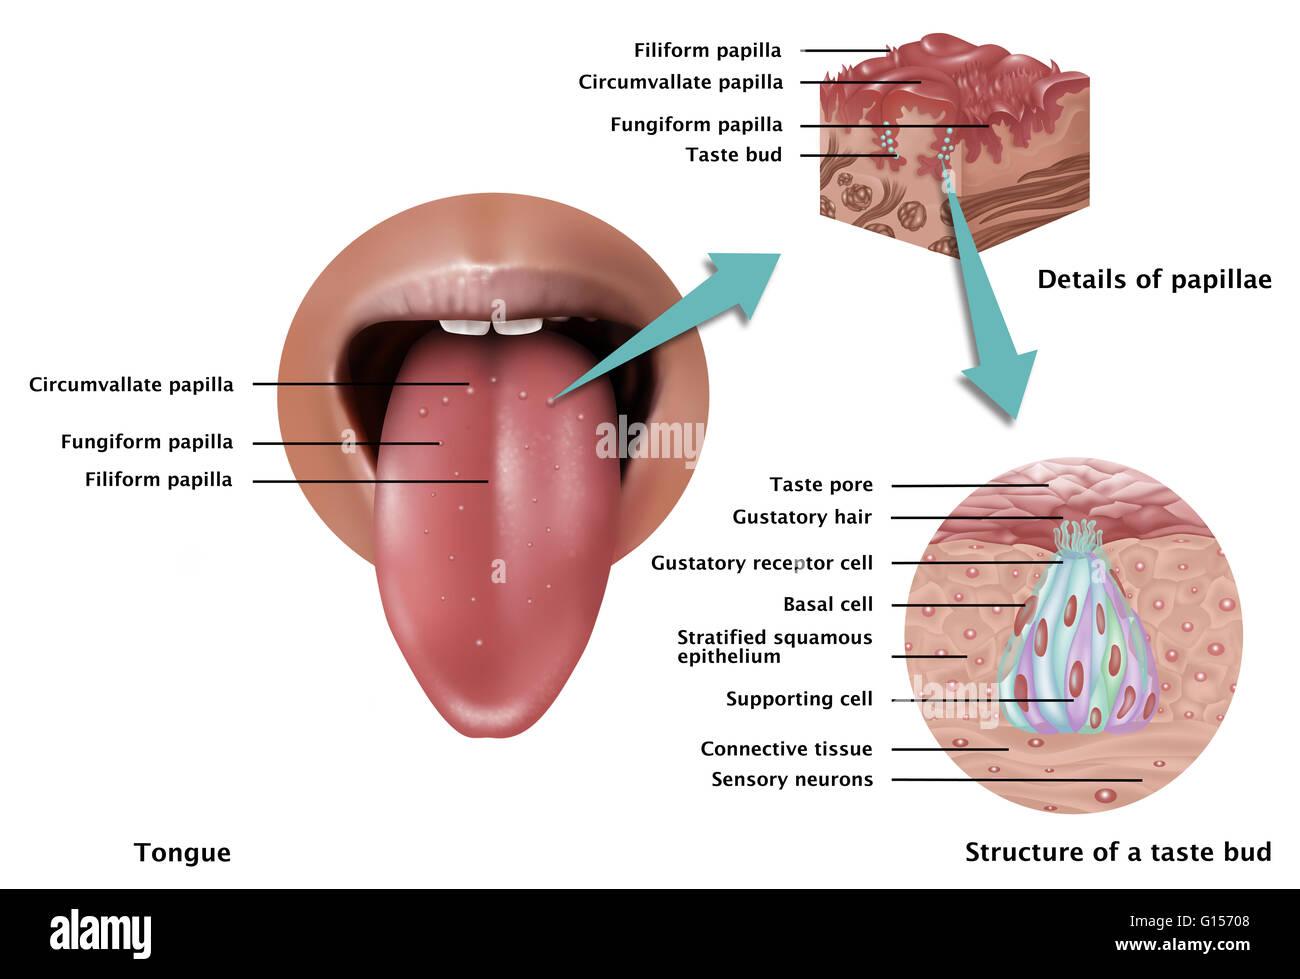 Ilustración mostrando la anatomía del gusto. A la izquierda se ve ...